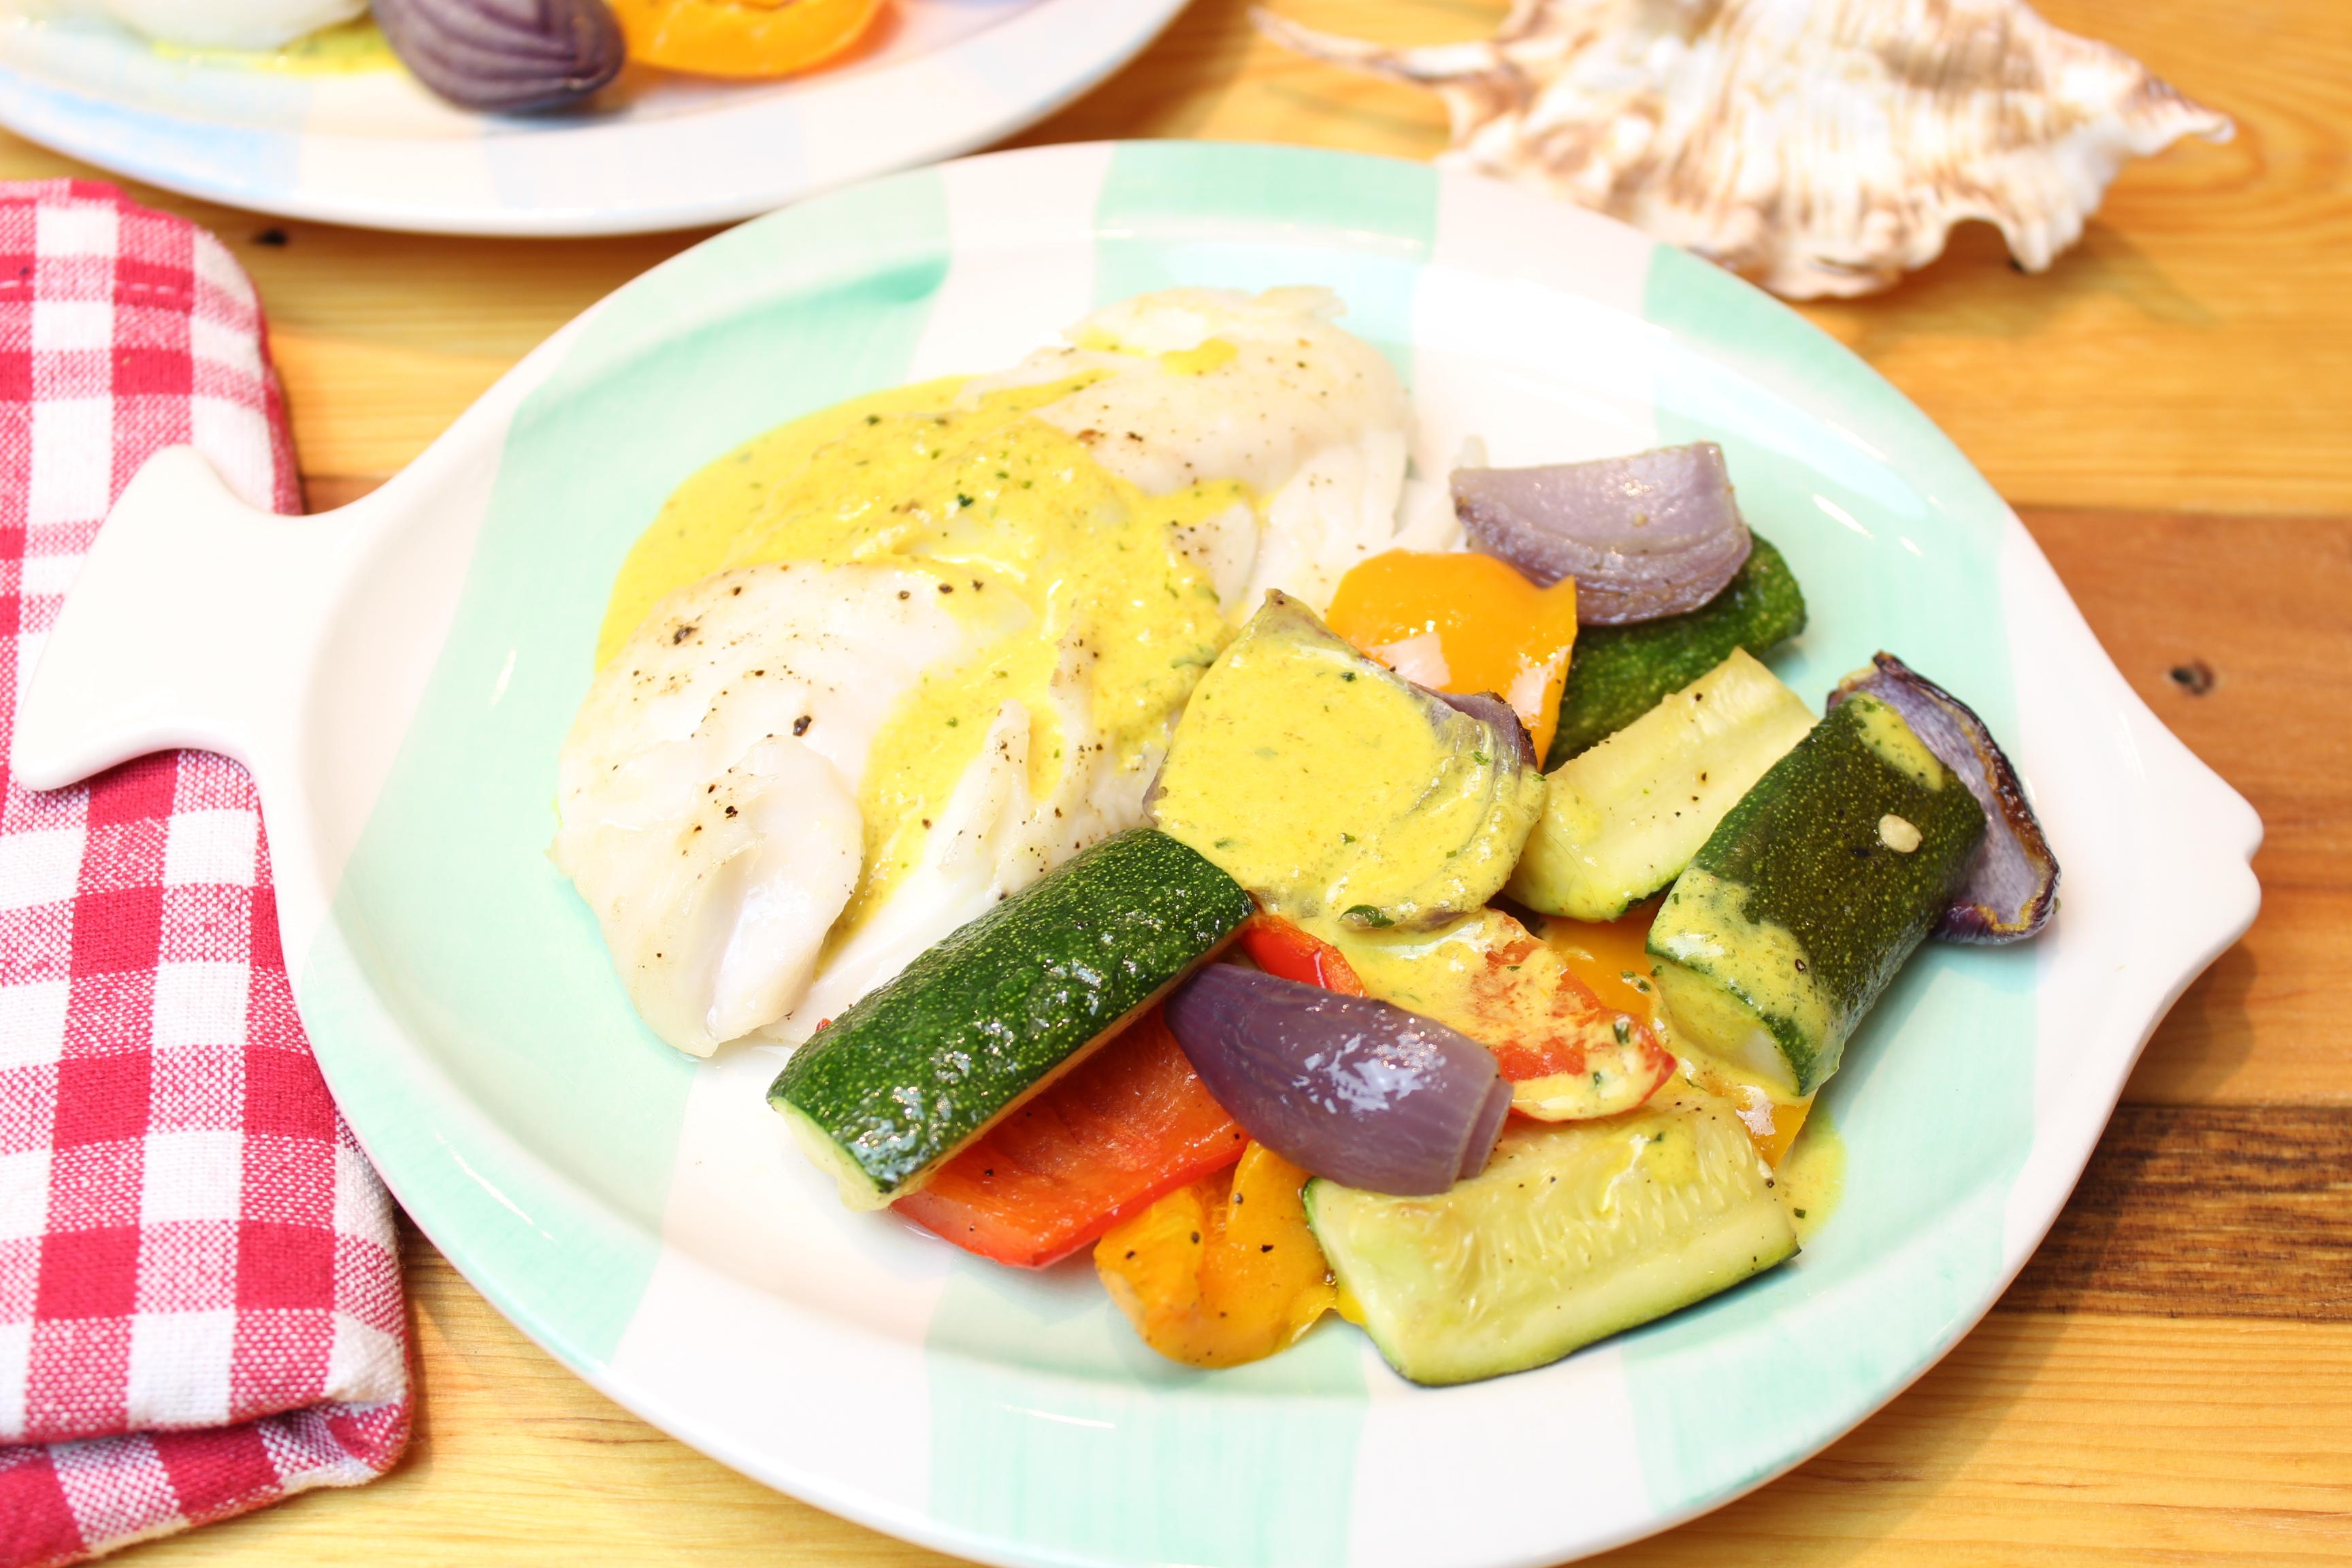 Stunning Gesunde Küche Zum Abnehmen Images - Thehammondreport.com ...